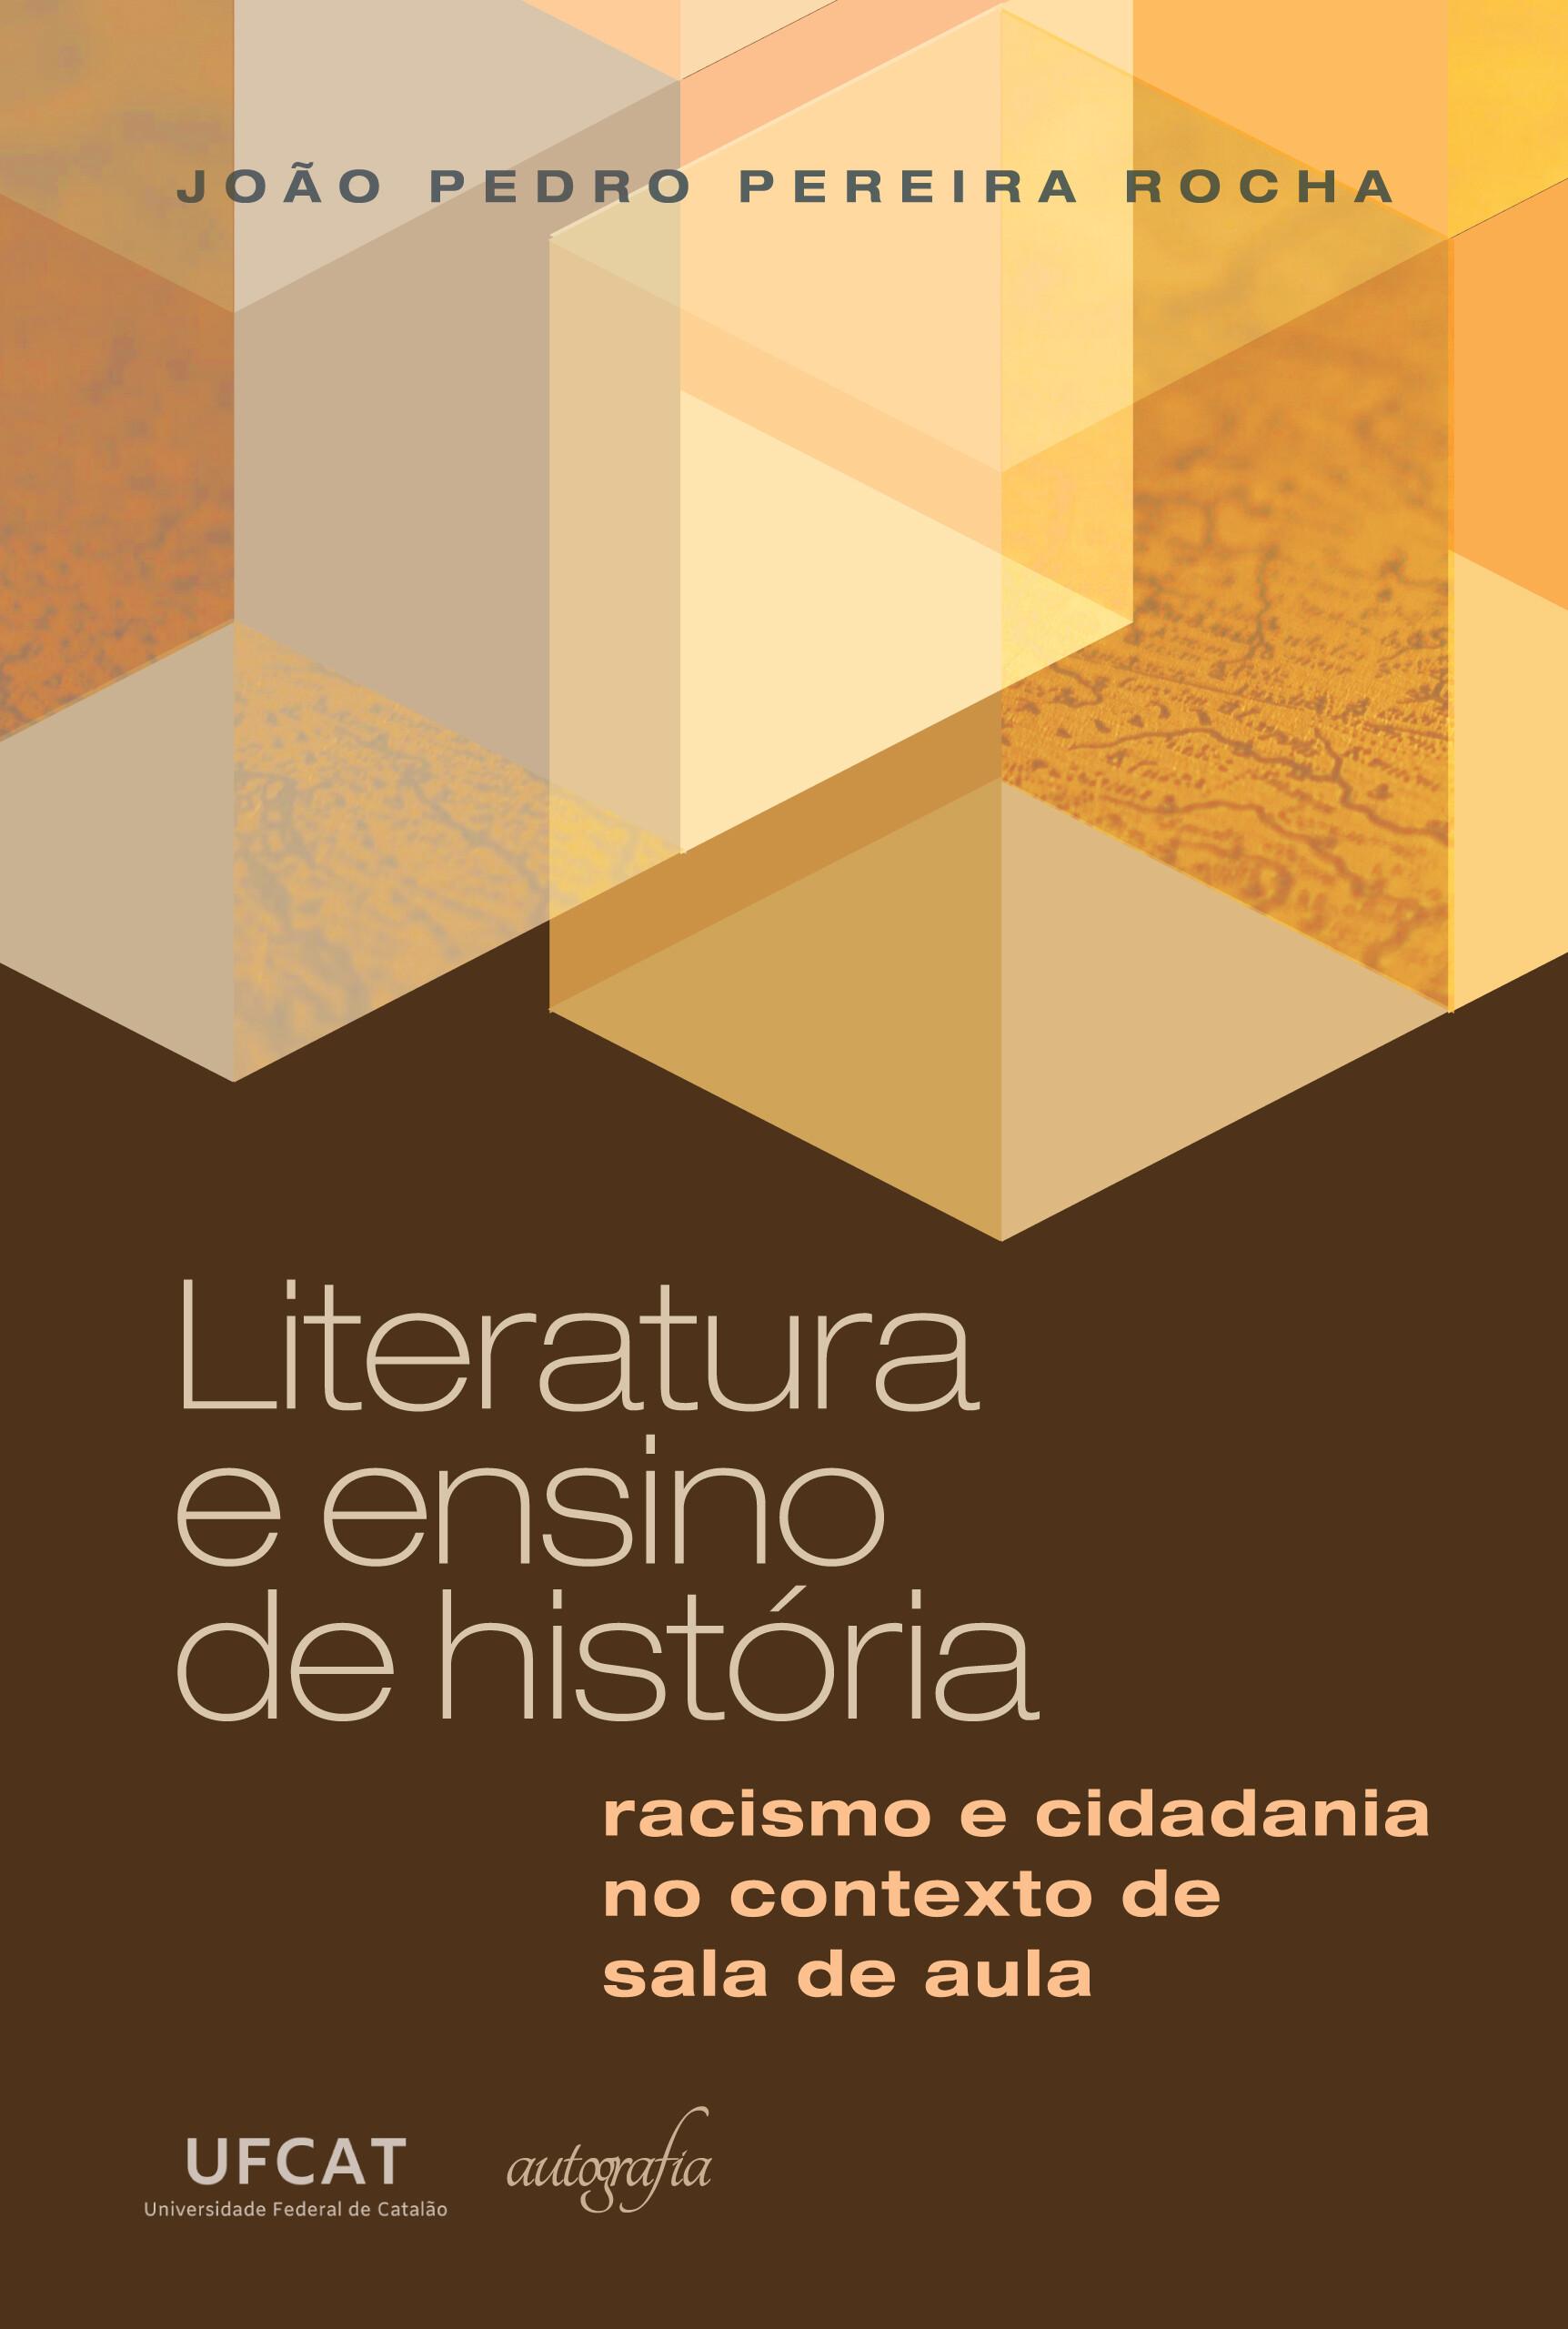 capa-literaturaeensinodehistoria-frente-alta